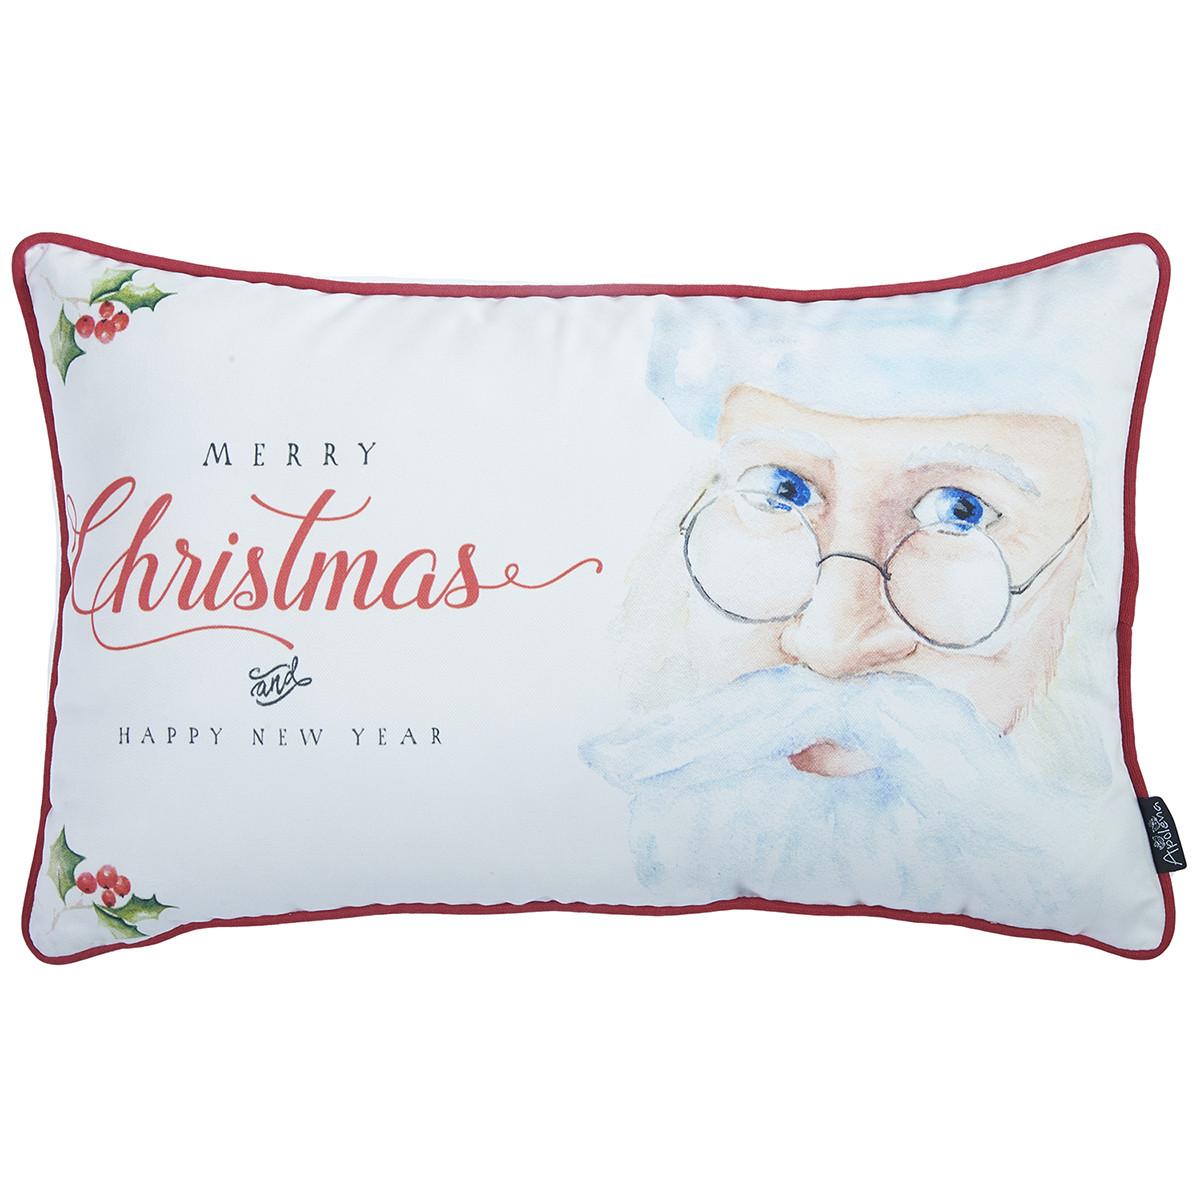 Χριστουγεννιάτικη Μαξιλαροθήκη (30×51) Apolena 719-5590/1